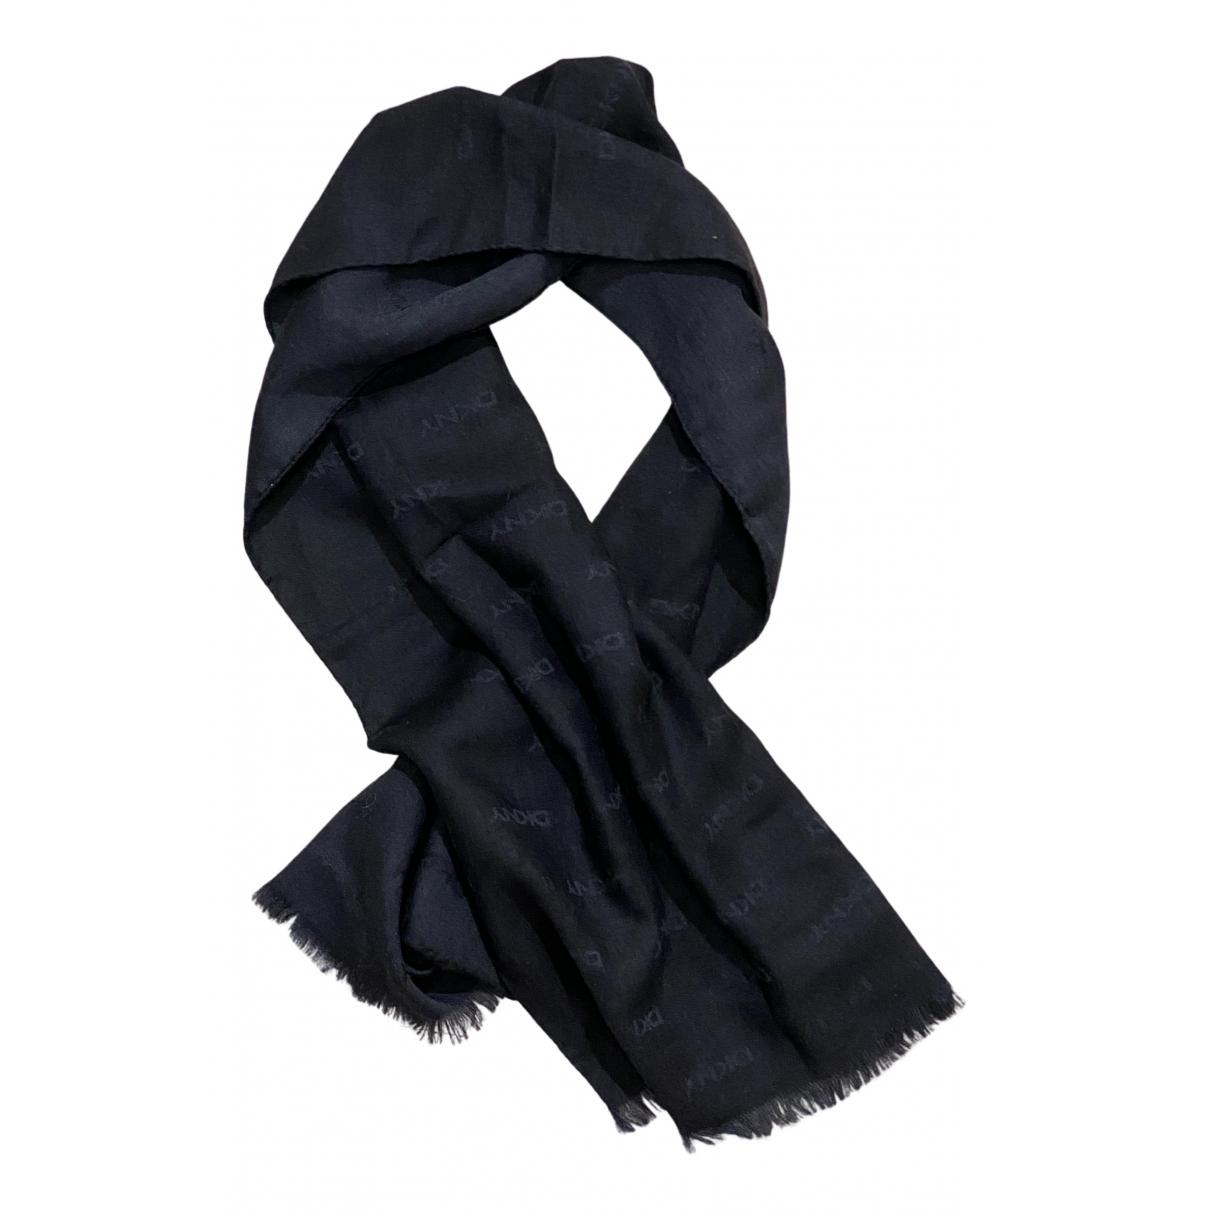 Dkny \N Schal in  Blau Wolle